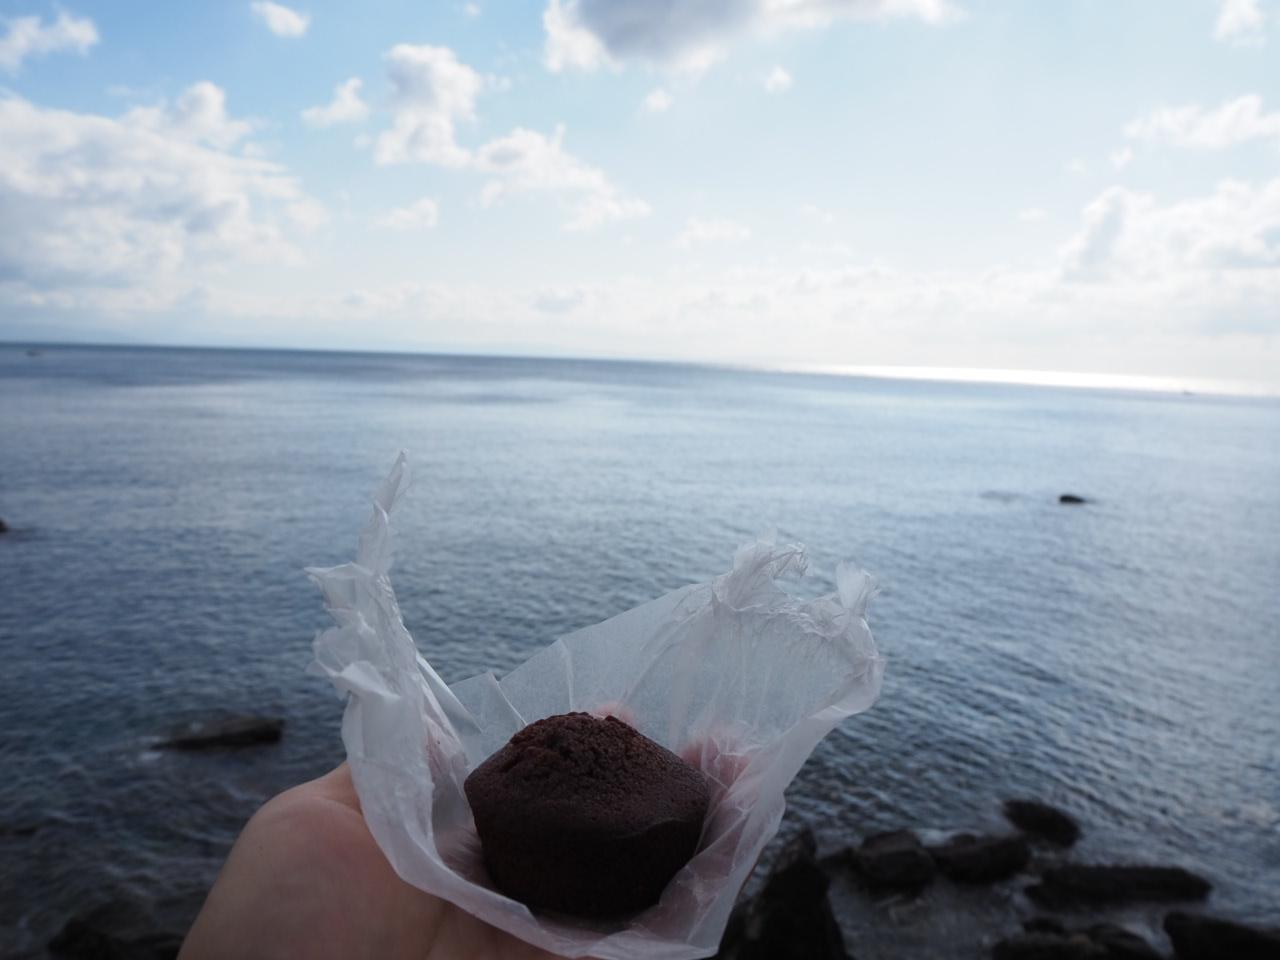 沼島にやってきたでいでいガール_f0370091_21084241.jpg